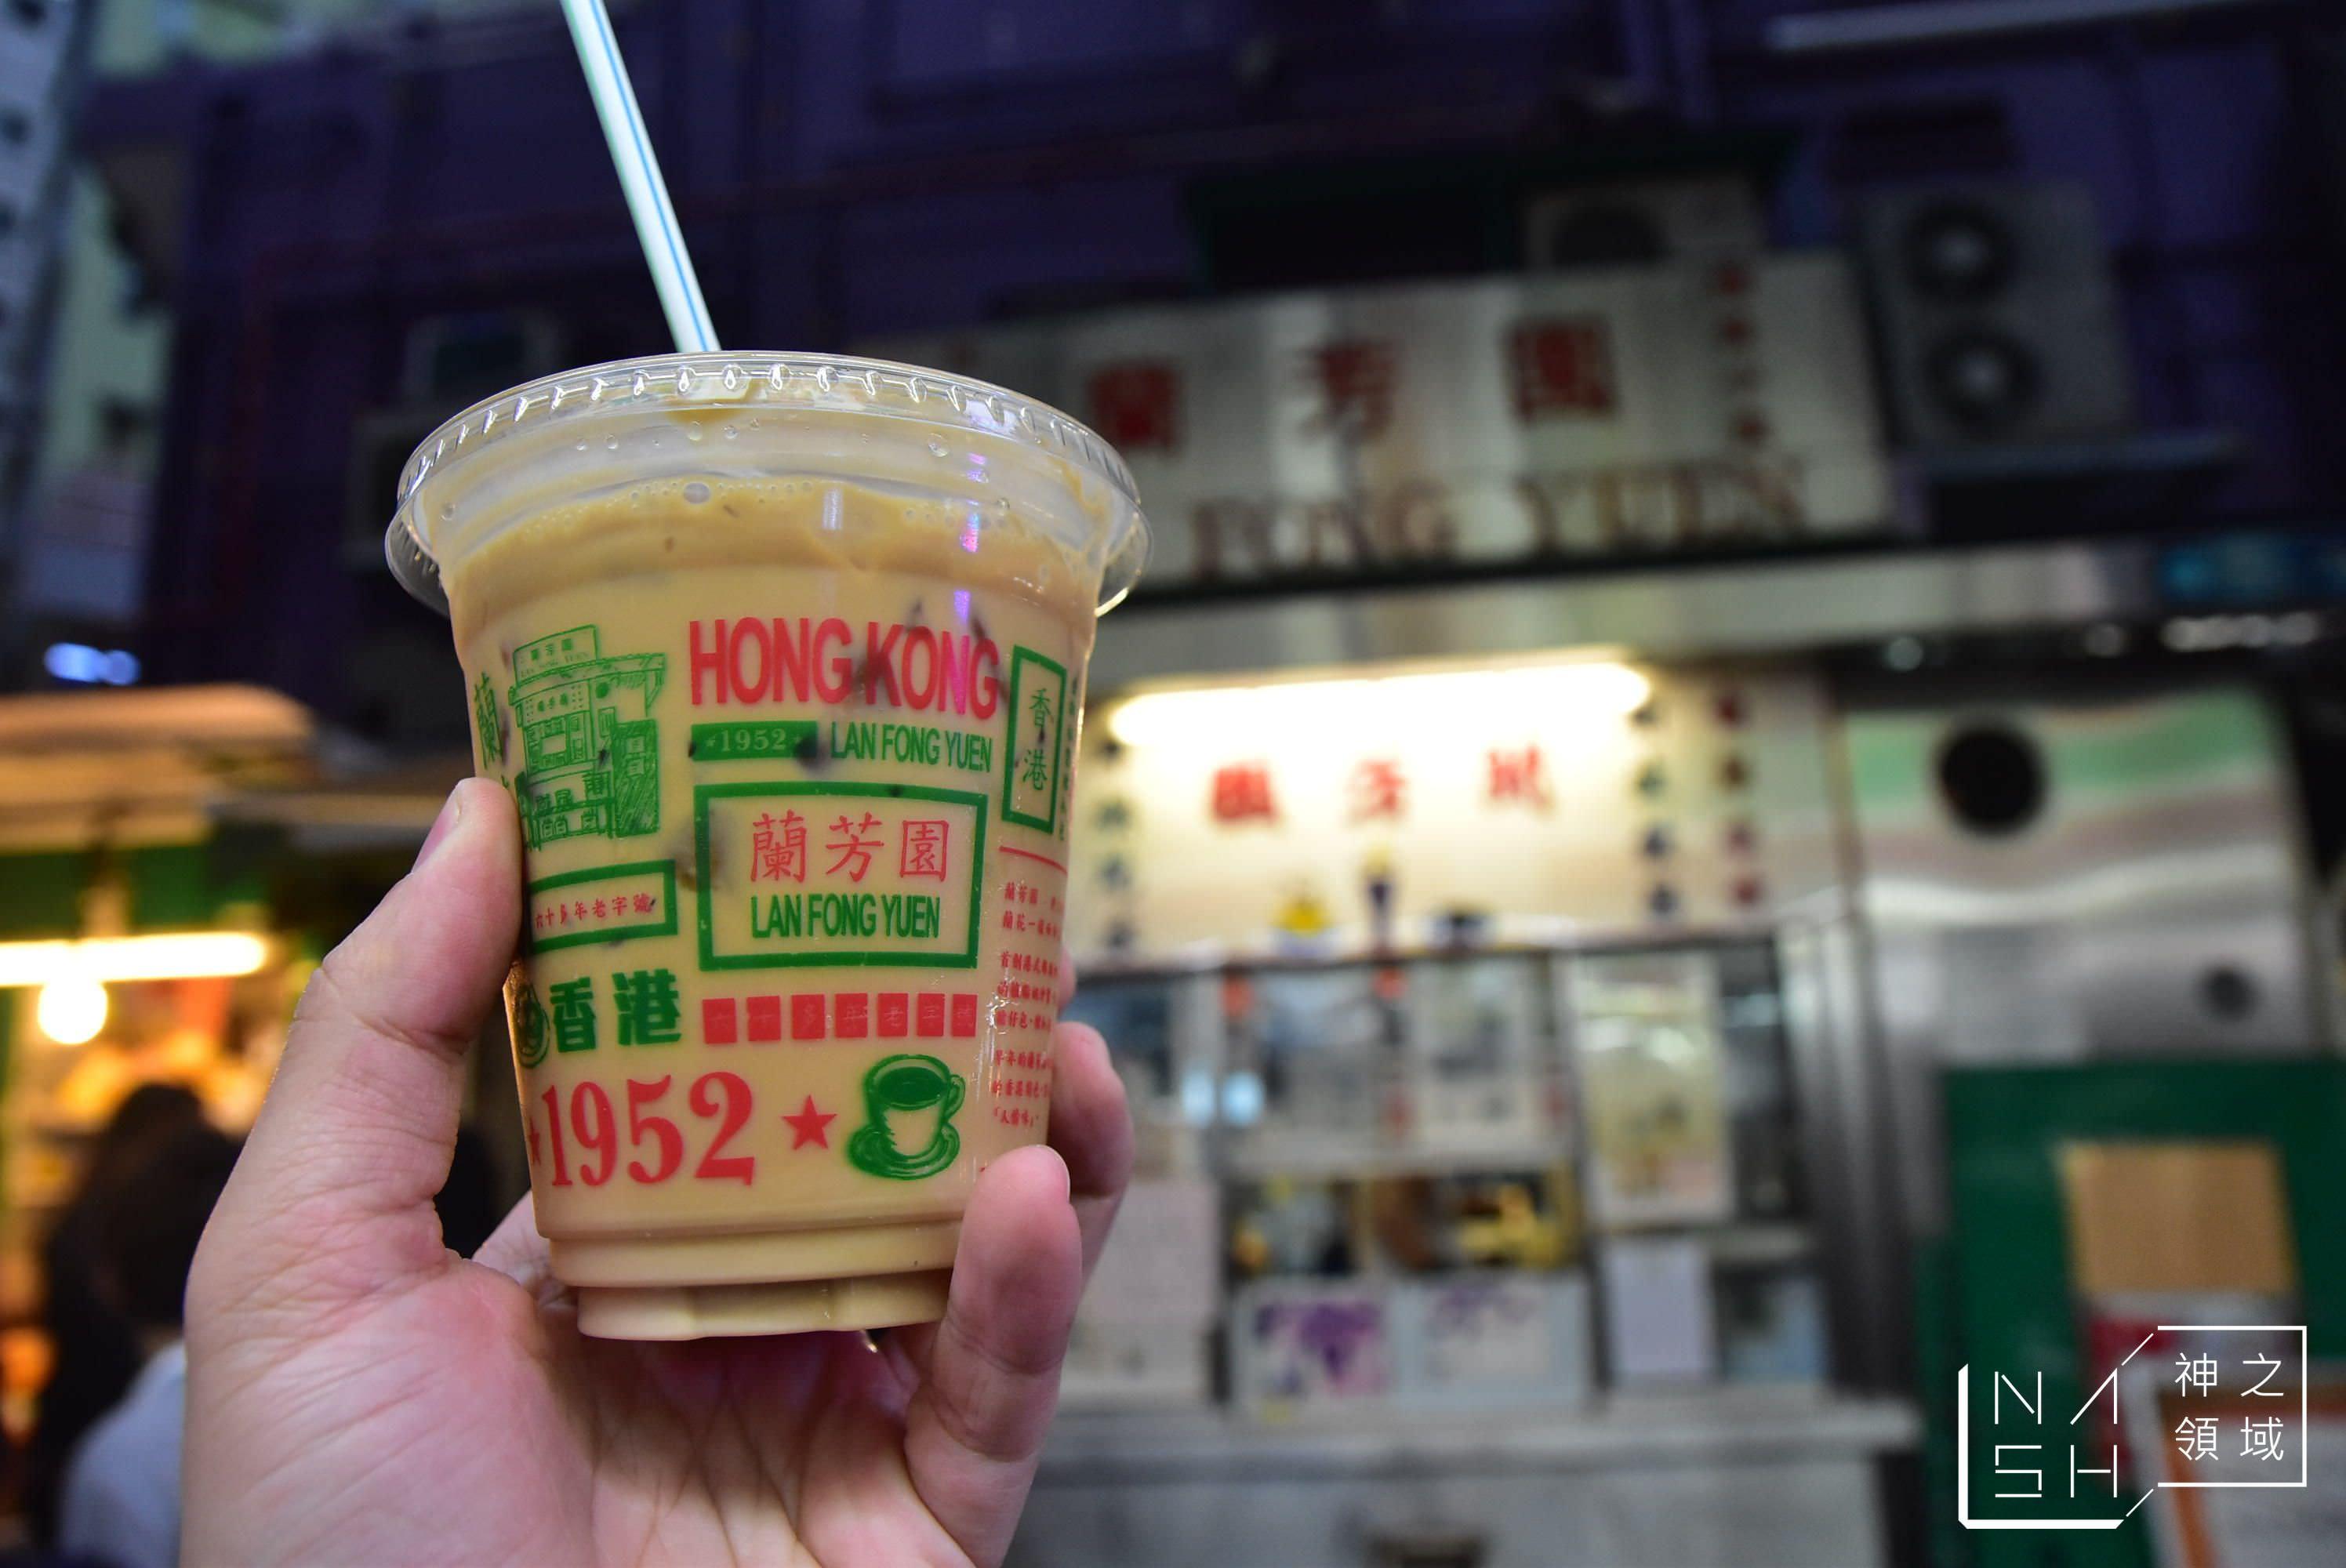 蘭芳園,lan fong yuen,絲襪奶茶 @Nash,神之領域